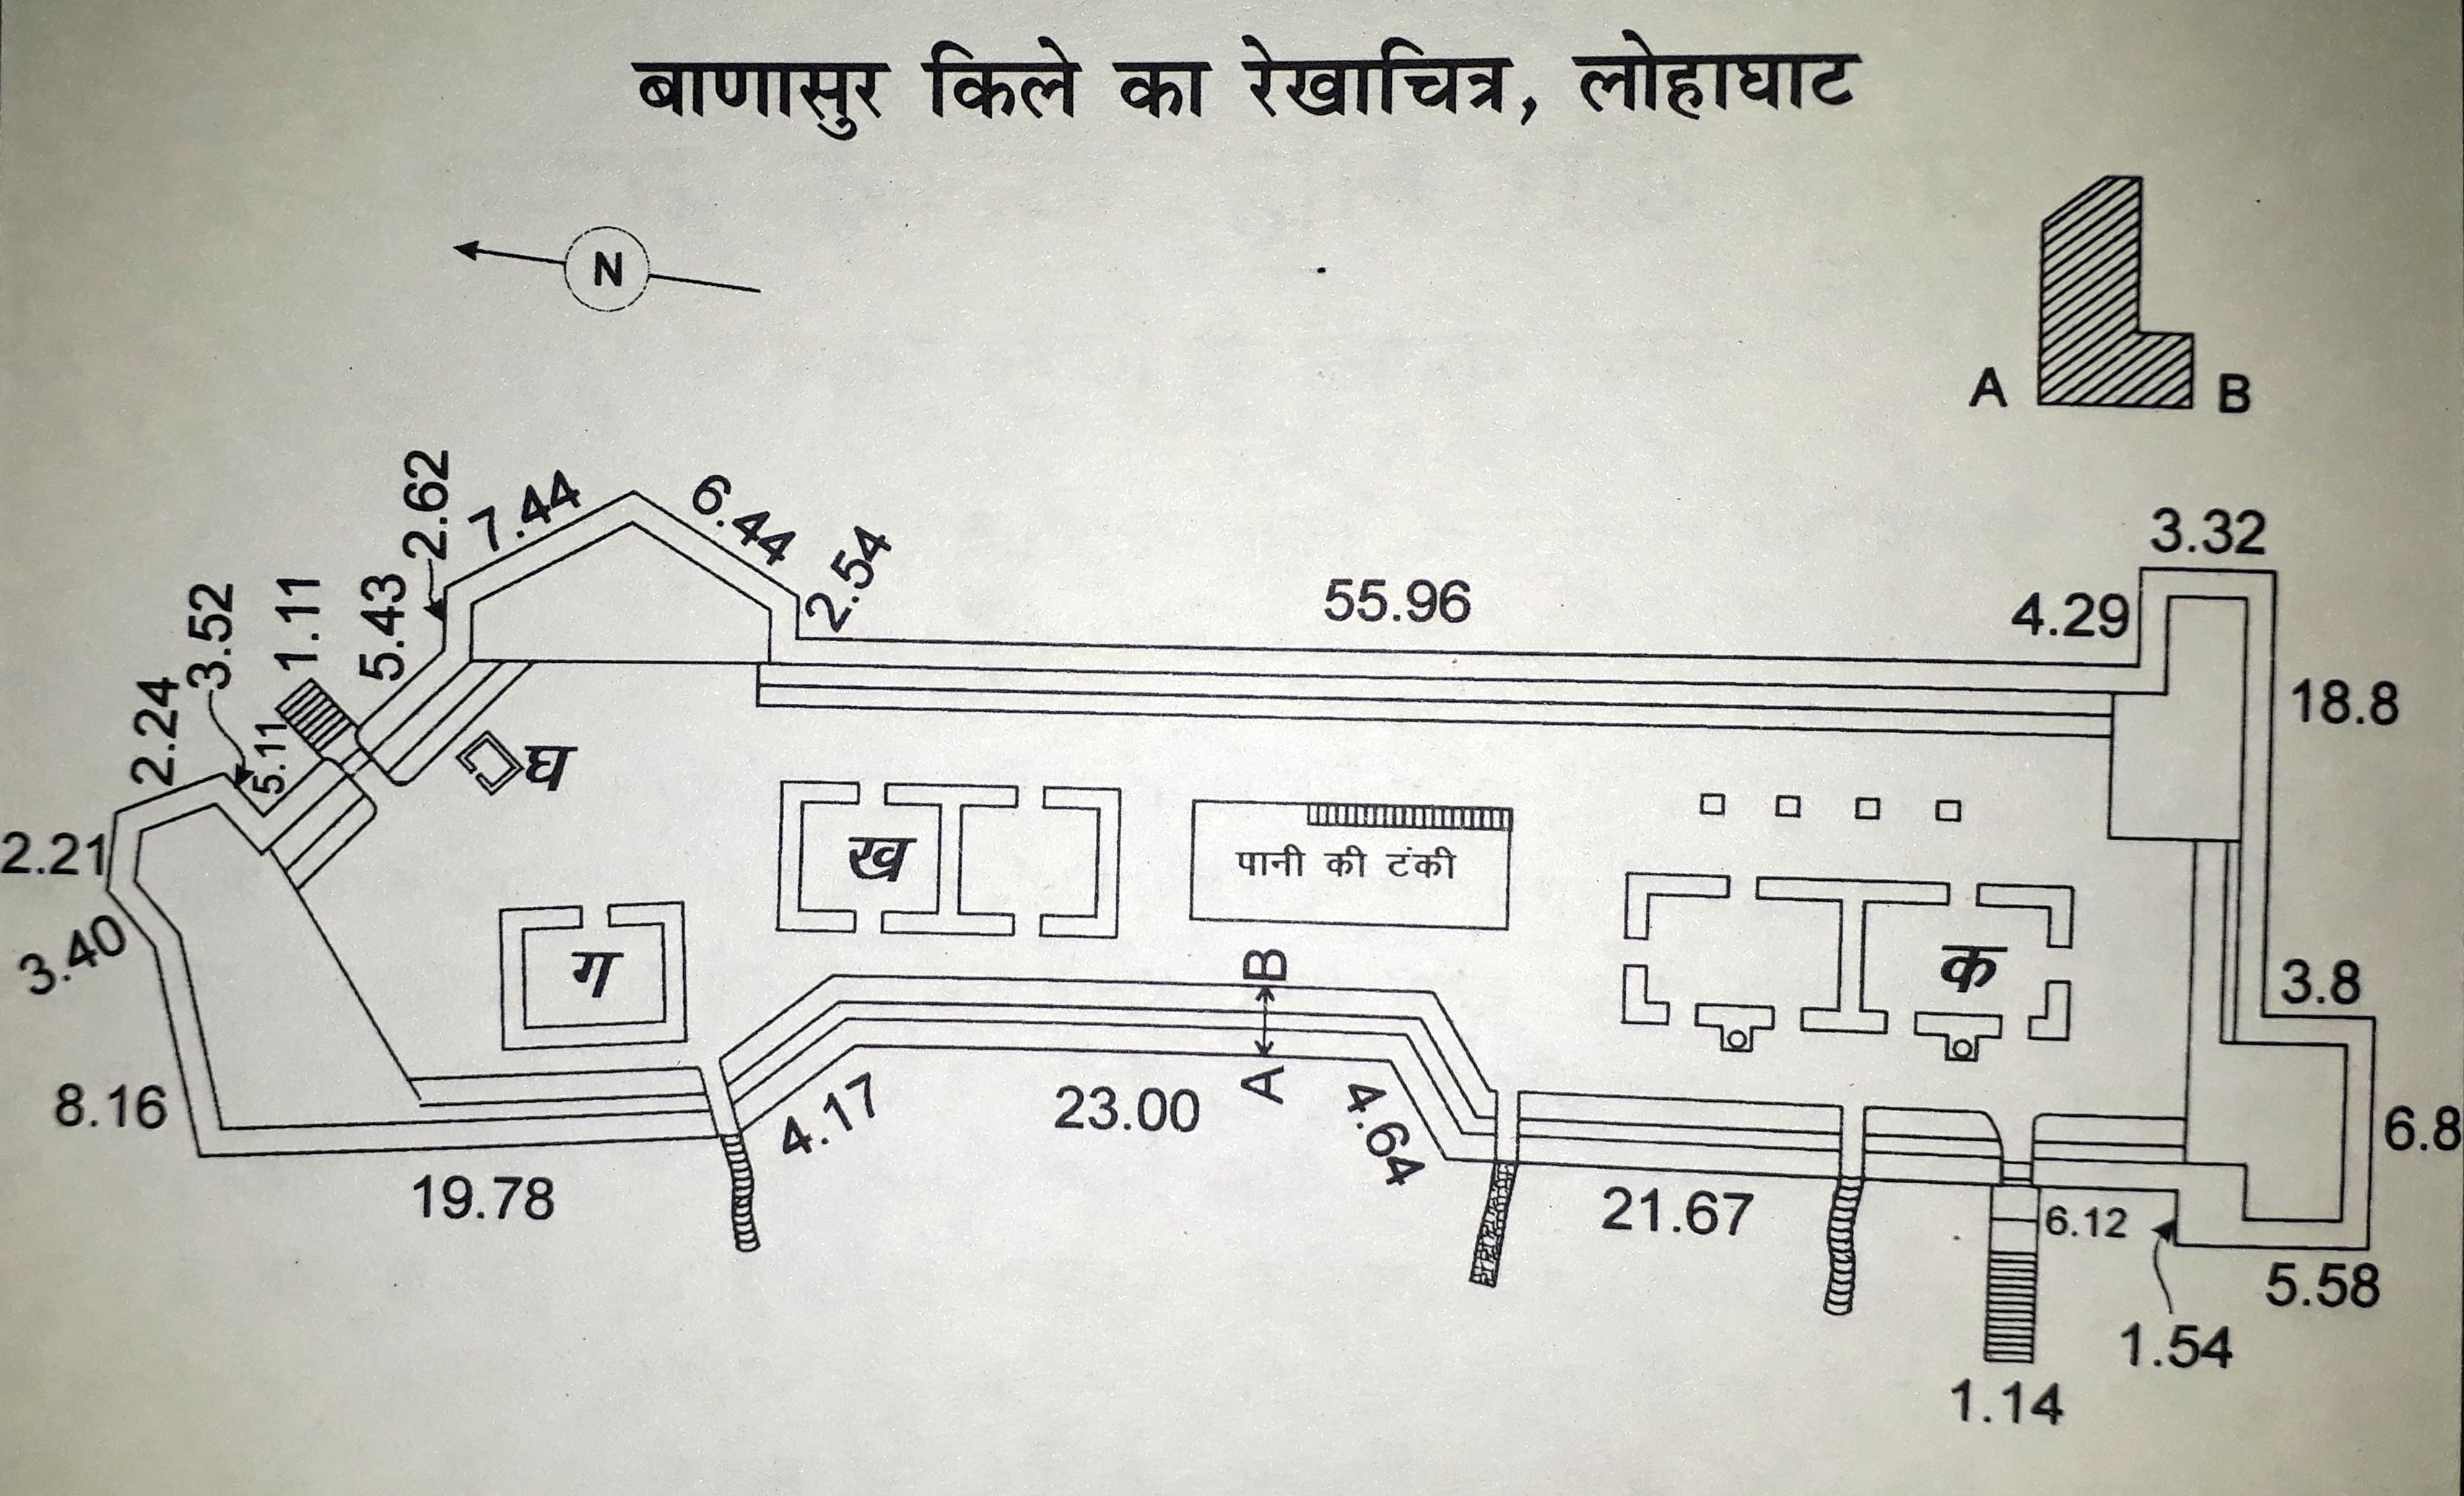 बाणासुर किले का रेखाचित्र